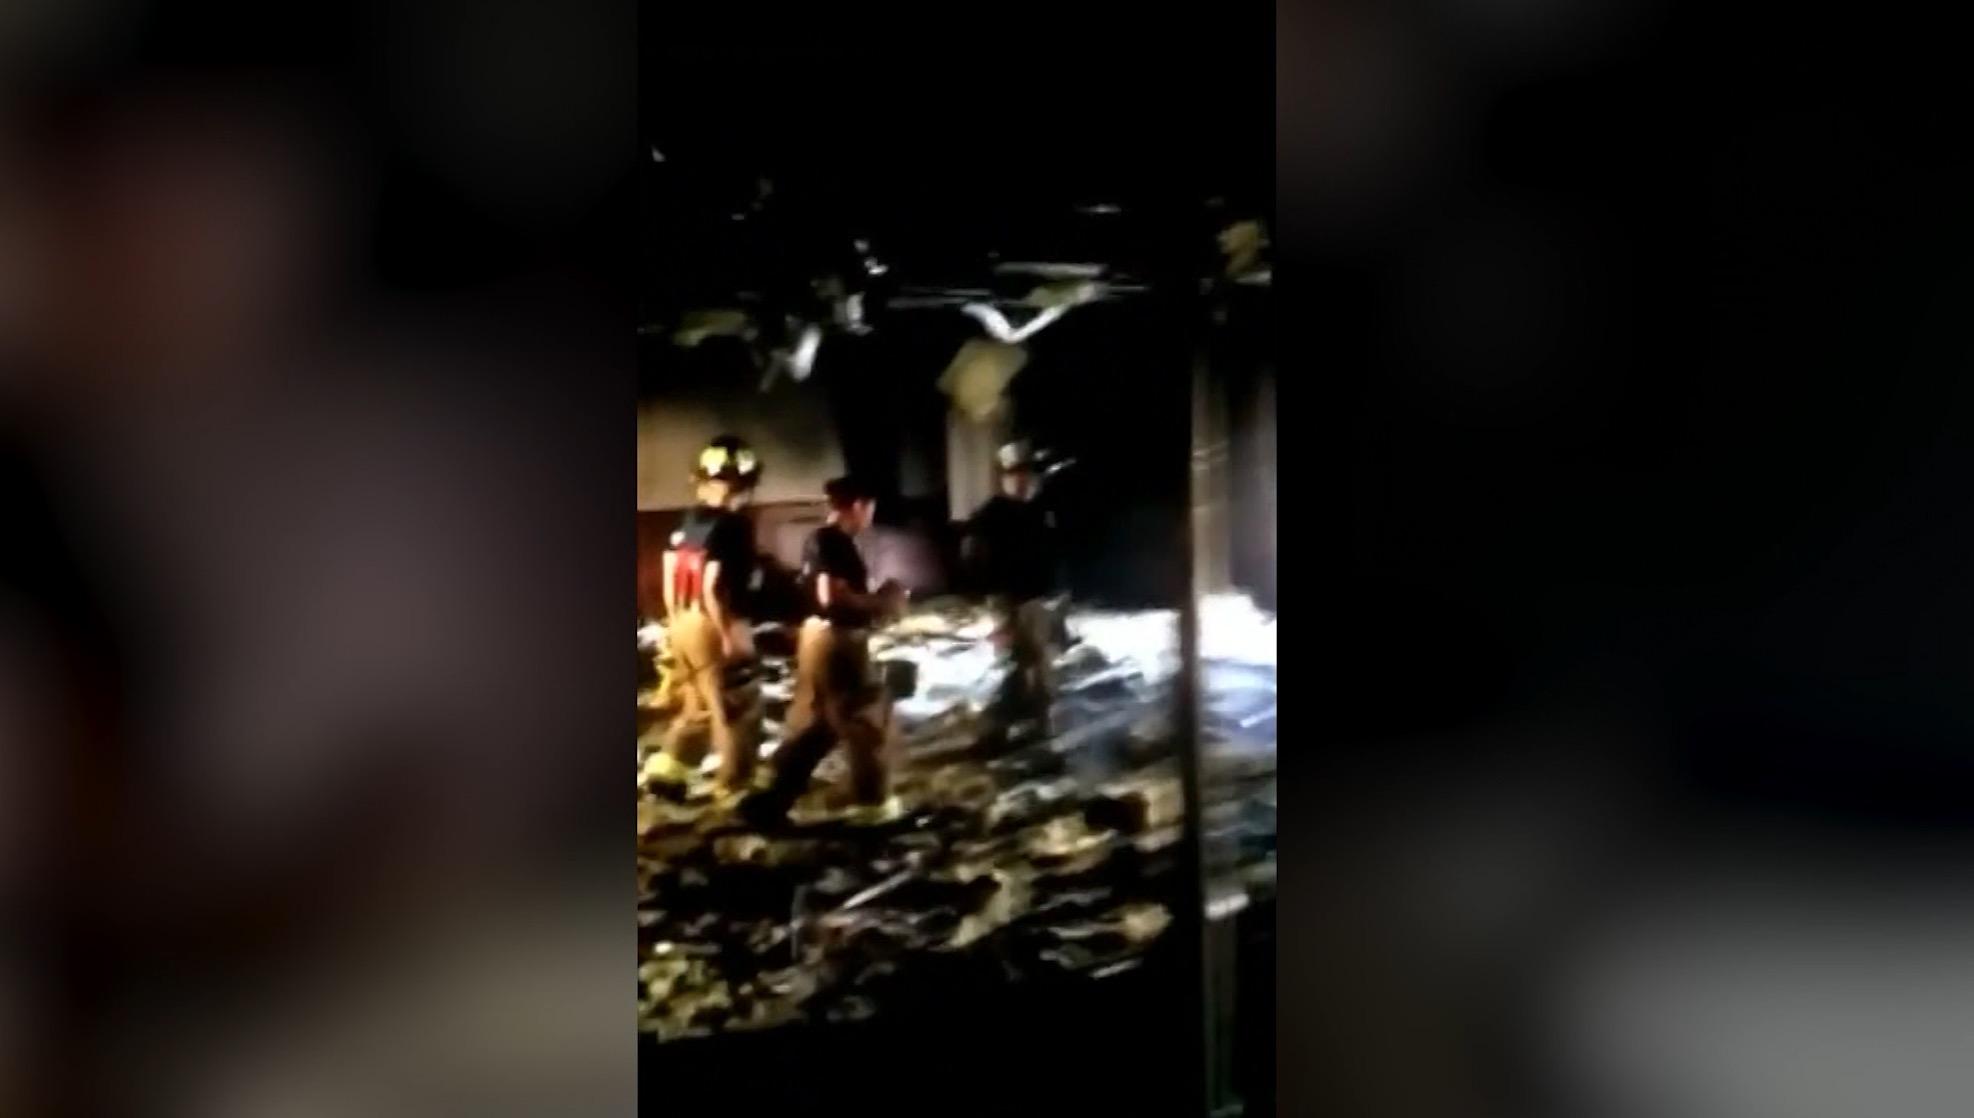 مسلمو هيوستن مضطربون بعد حريق التهم مسجدهم.. الشر يصل أماكن العبادة